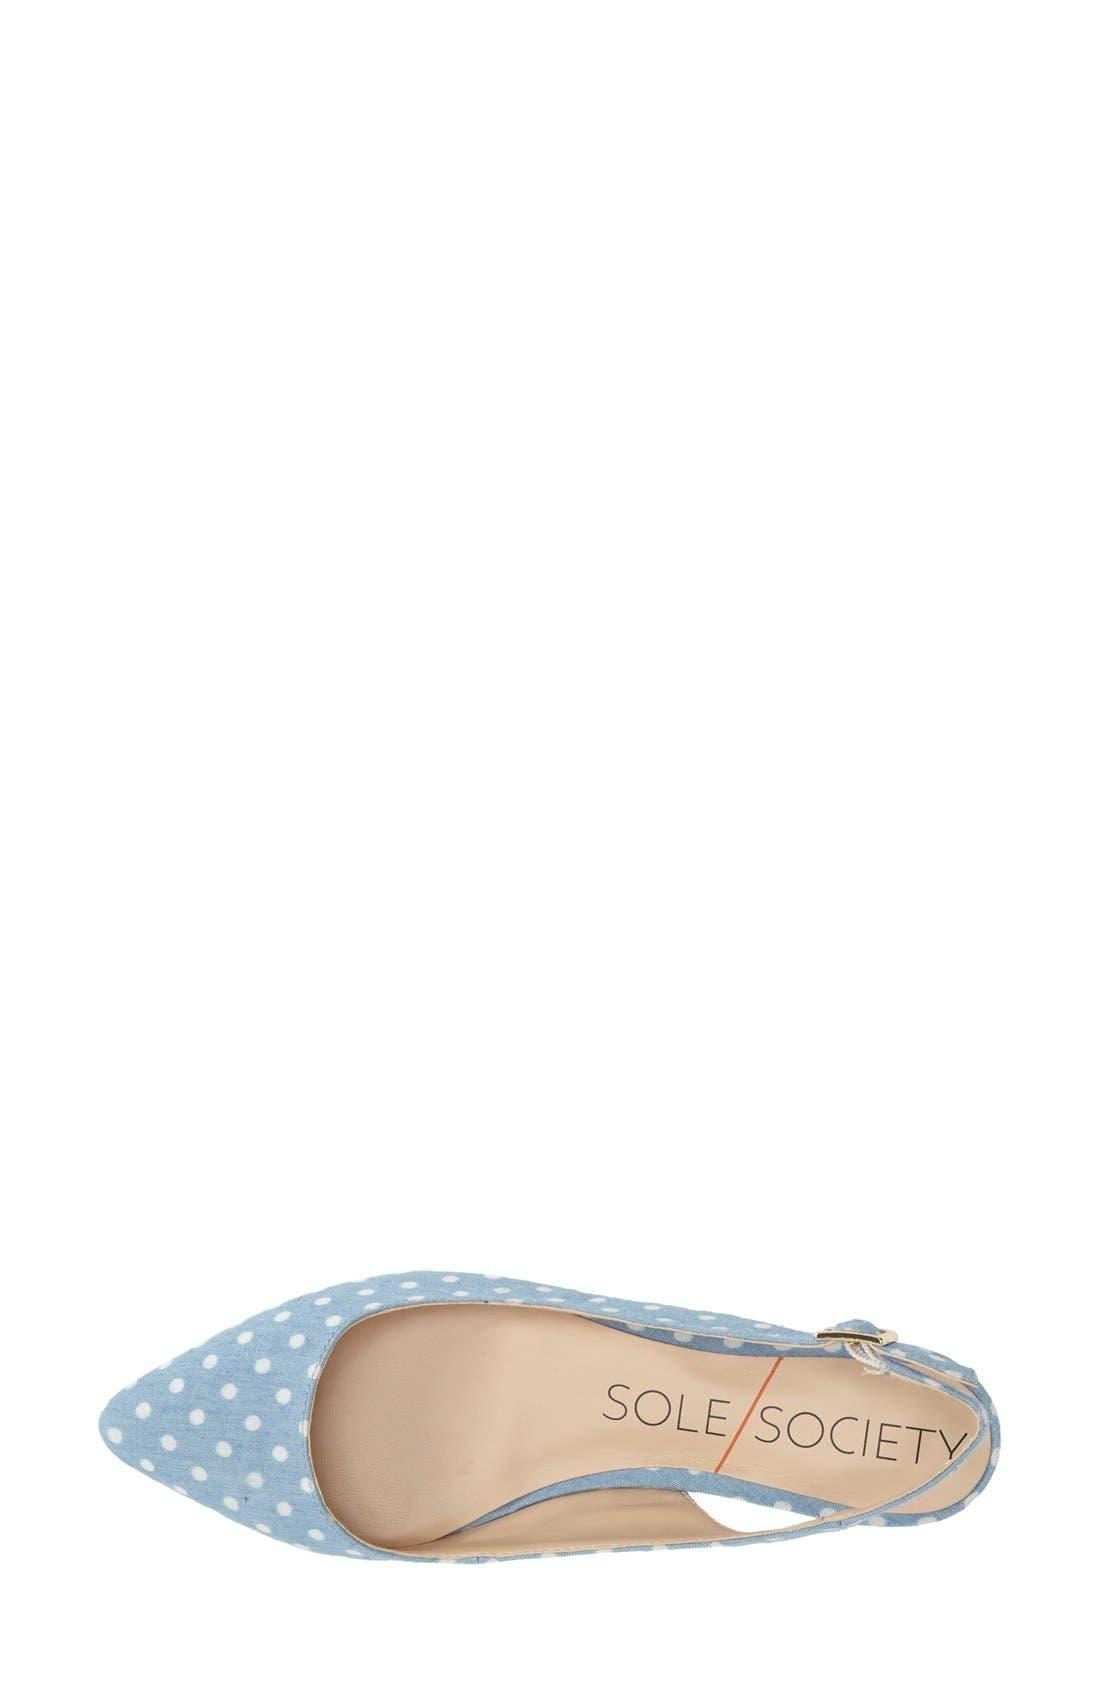 Alternate Image 3  - Sole Society 'Molly' Pointy Toe Slingback Flat (Women)